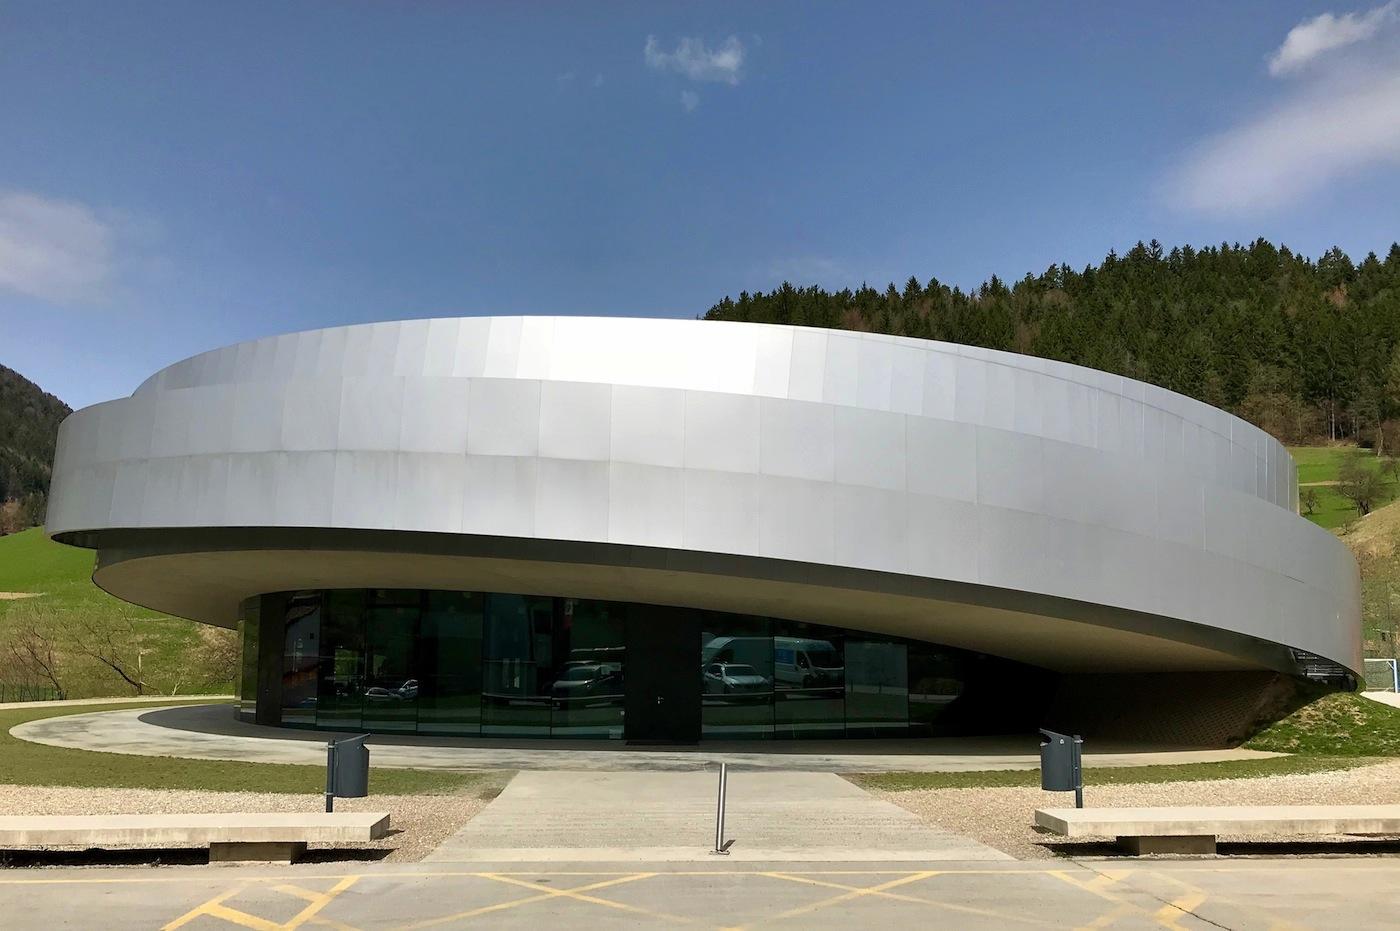 KSEVT. Kulturzentrum für europäische Raumfahrttechnologien. Entwurf: OFIS, Sadar + Vuga, Dekleva-Gregorič und Bevk-Perović. Fertigstellung: 2012.